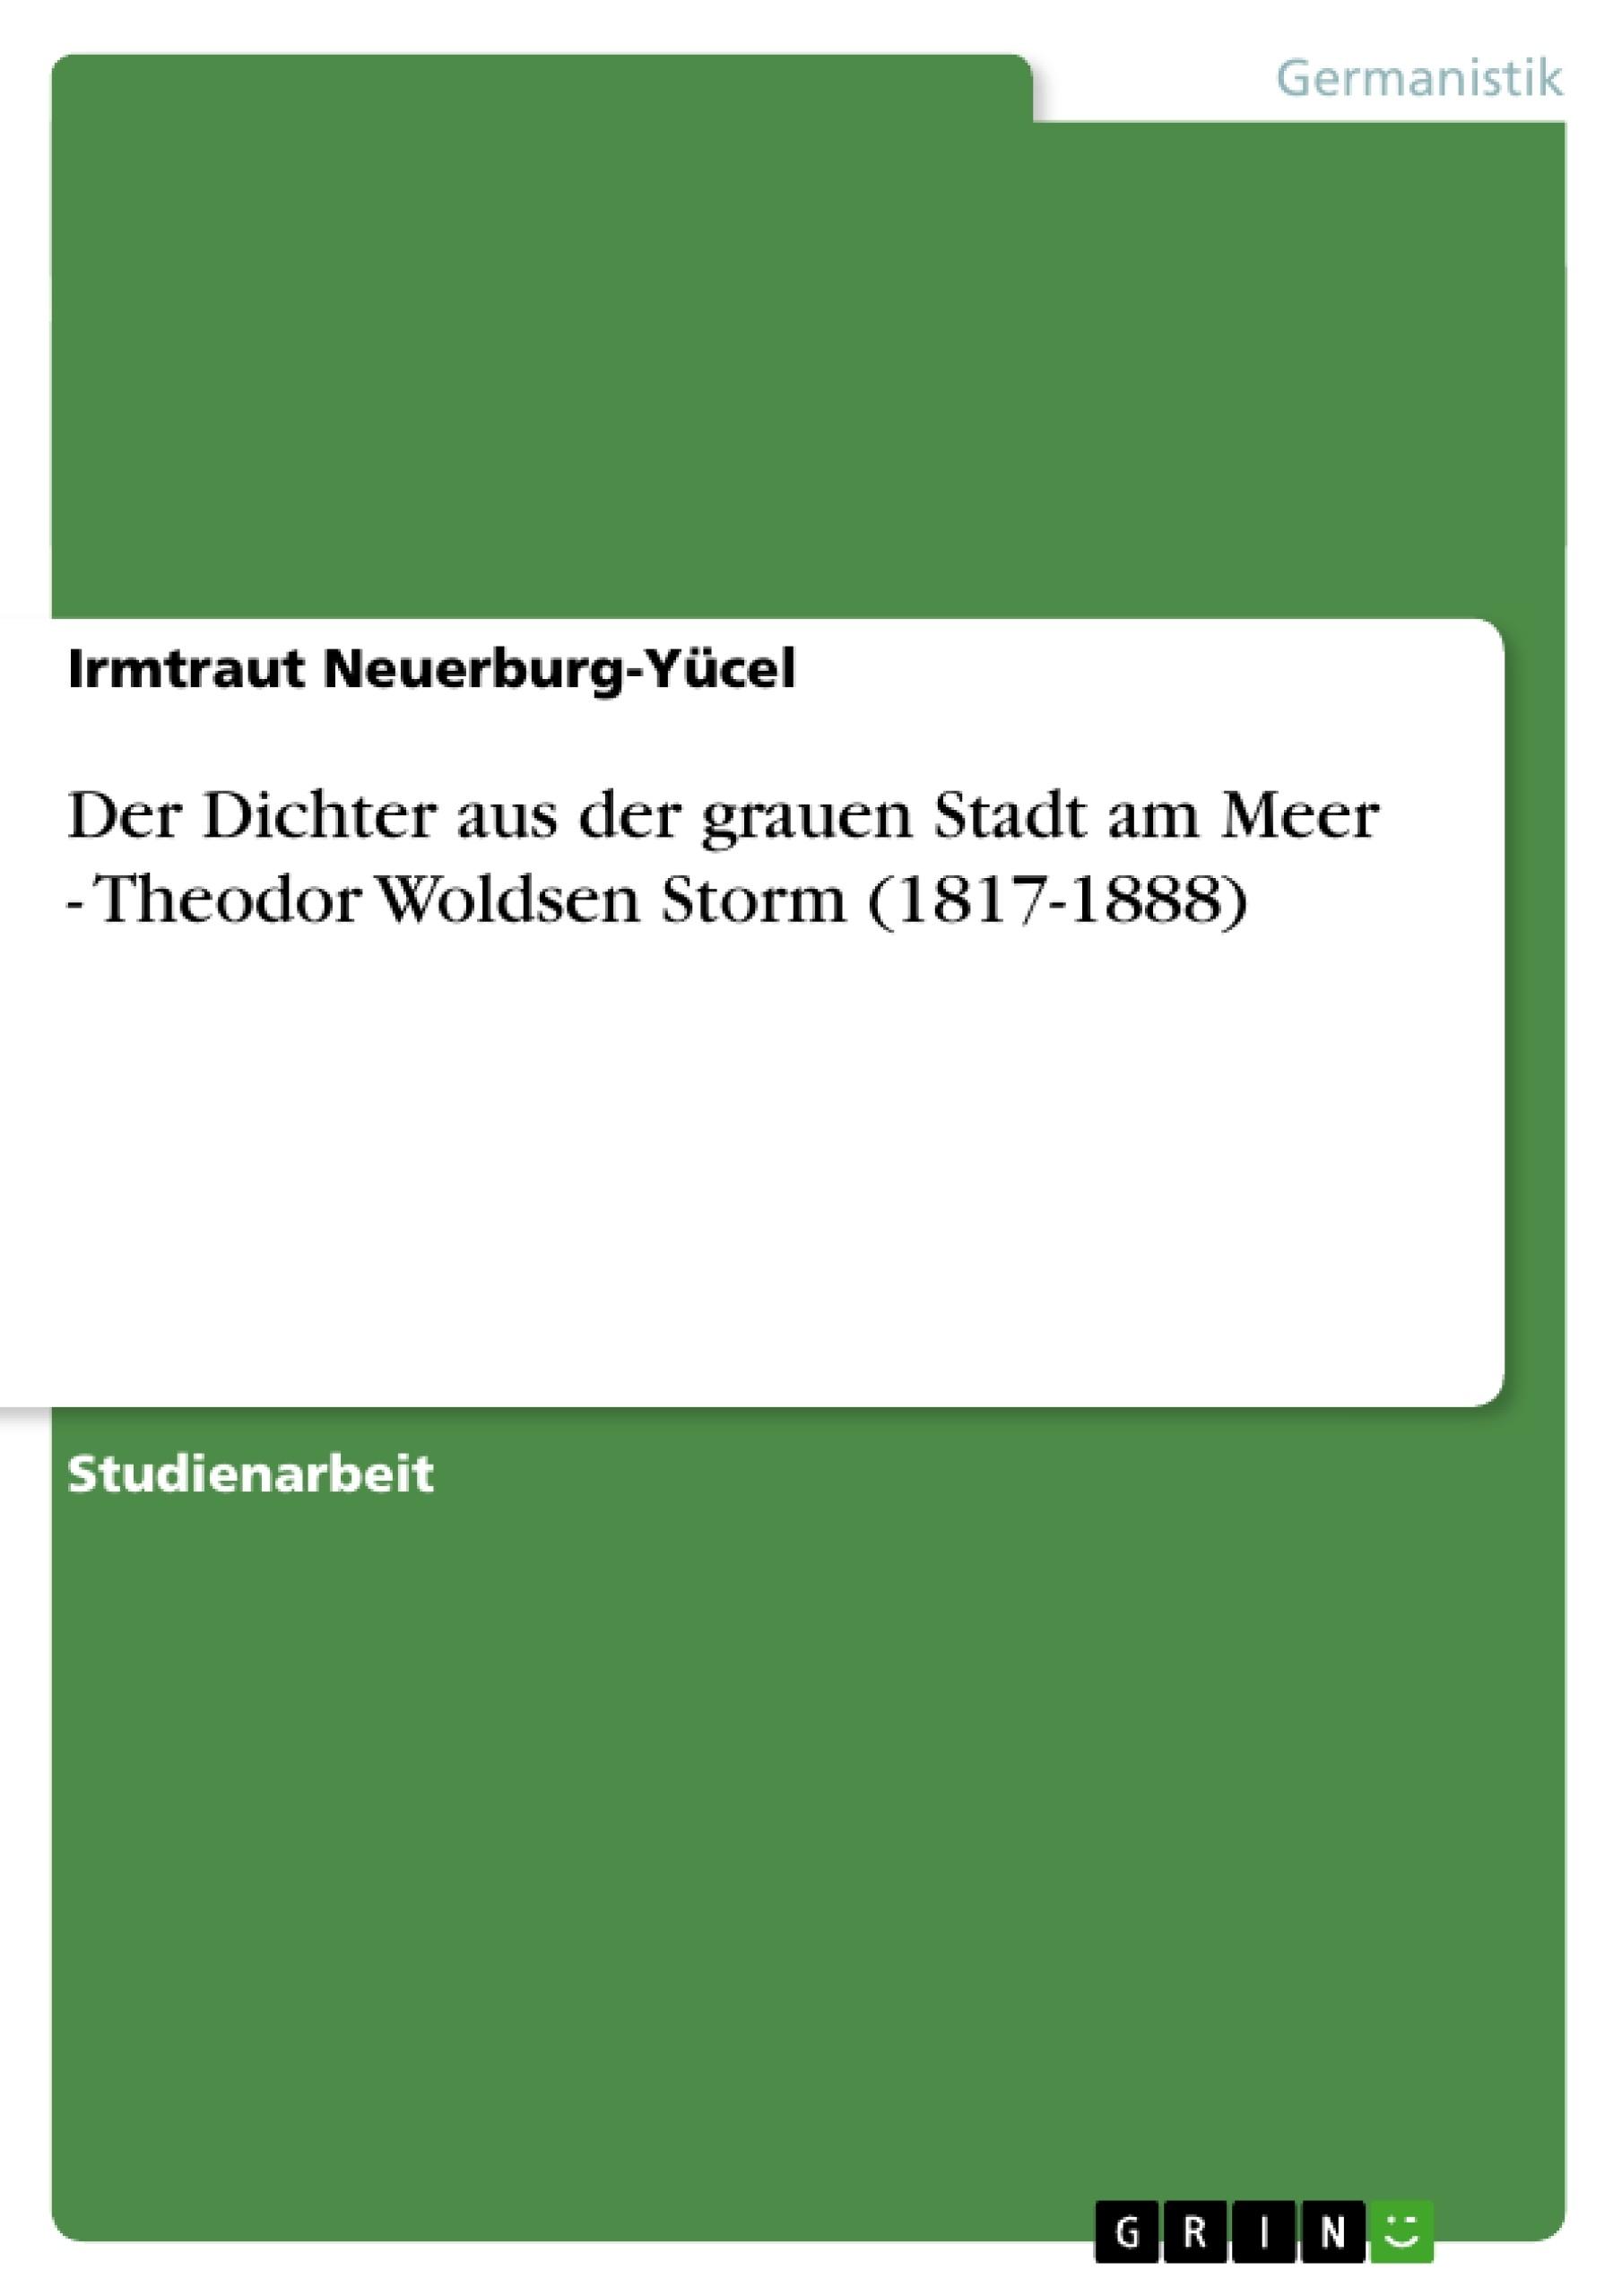 Titel: Der Dichter aus der grauen Stadt am Meer - Theodor Woldsen Storm (1817-1888)